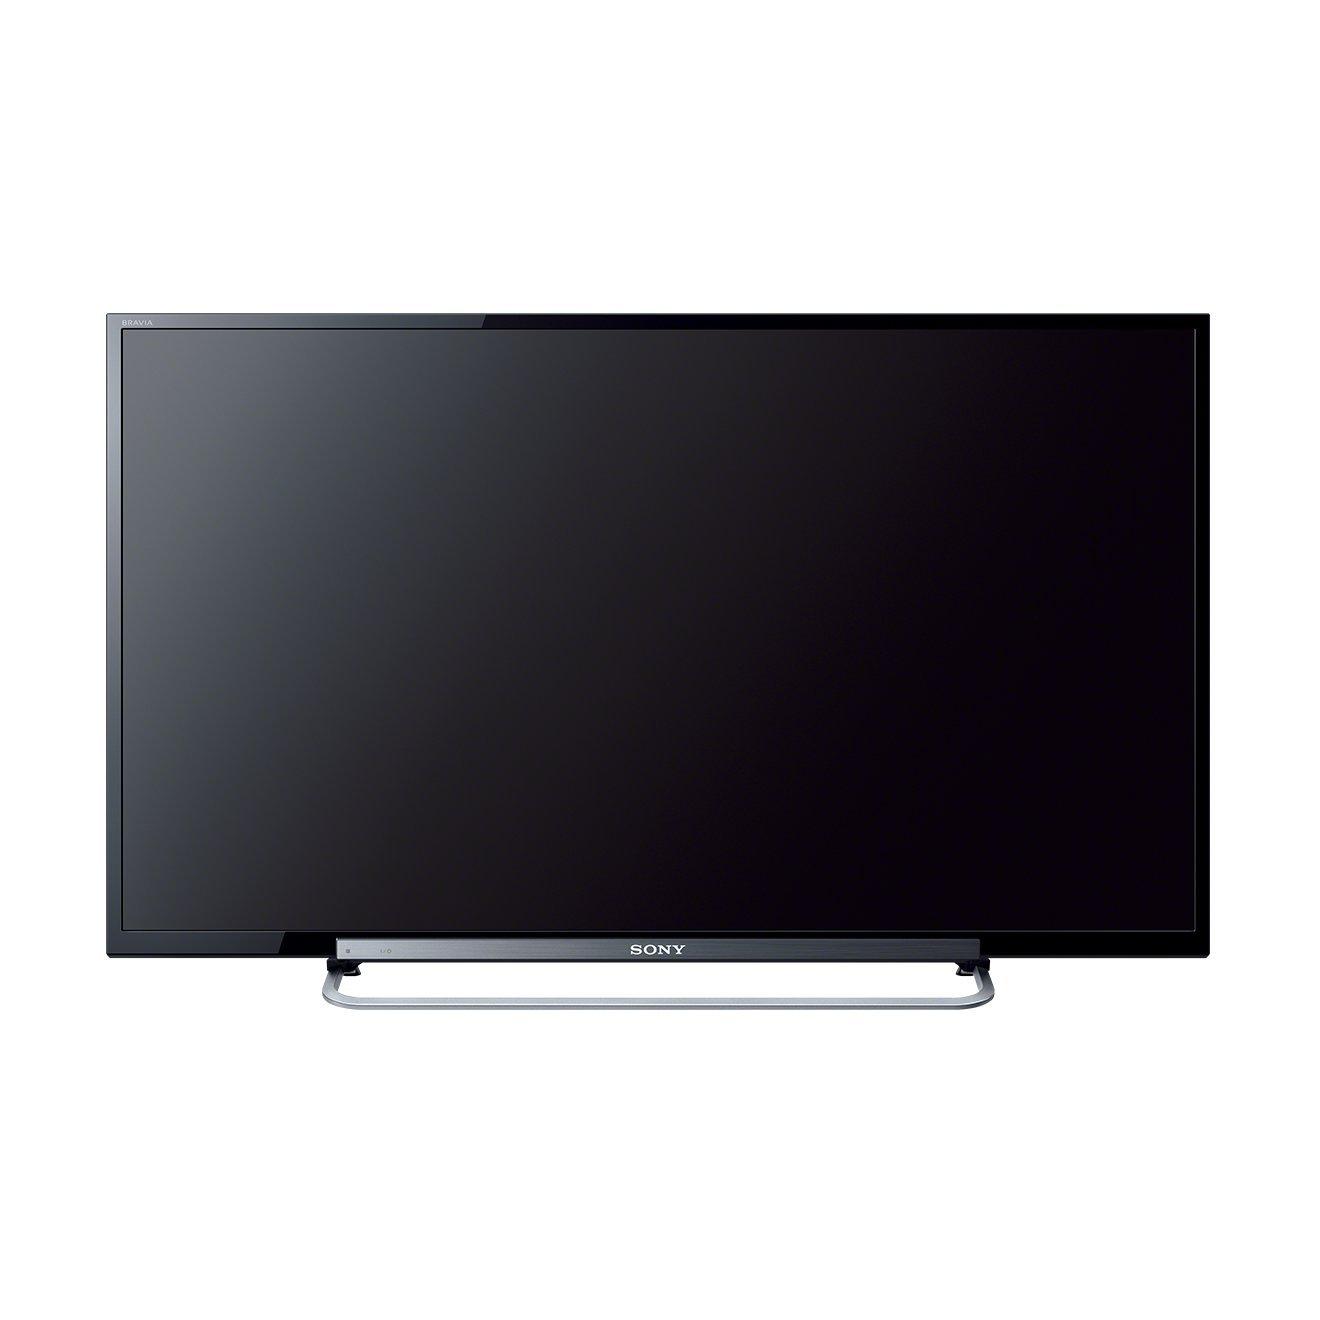 Sony KDL32R420A - Televisión LCD de 32 pulgadas Full HD, color negro: Amazon.es: Electrónica